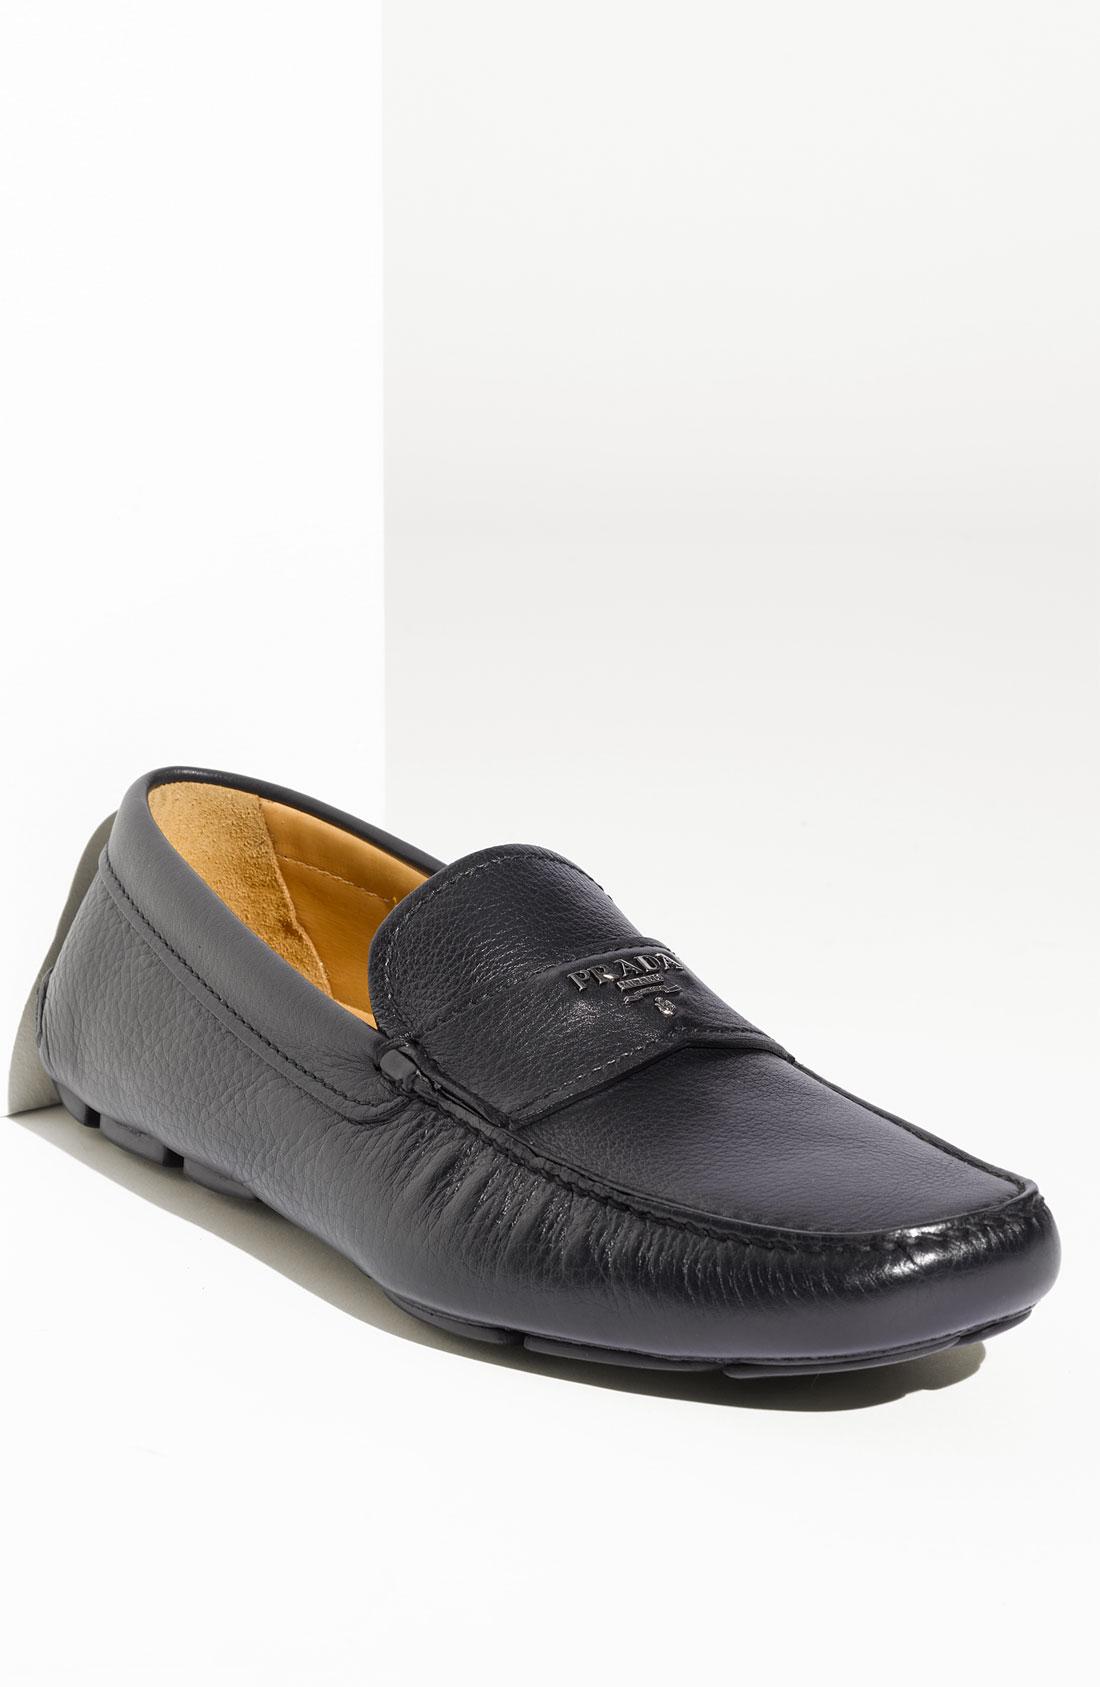 Prada Mens Shoes Nordstrom